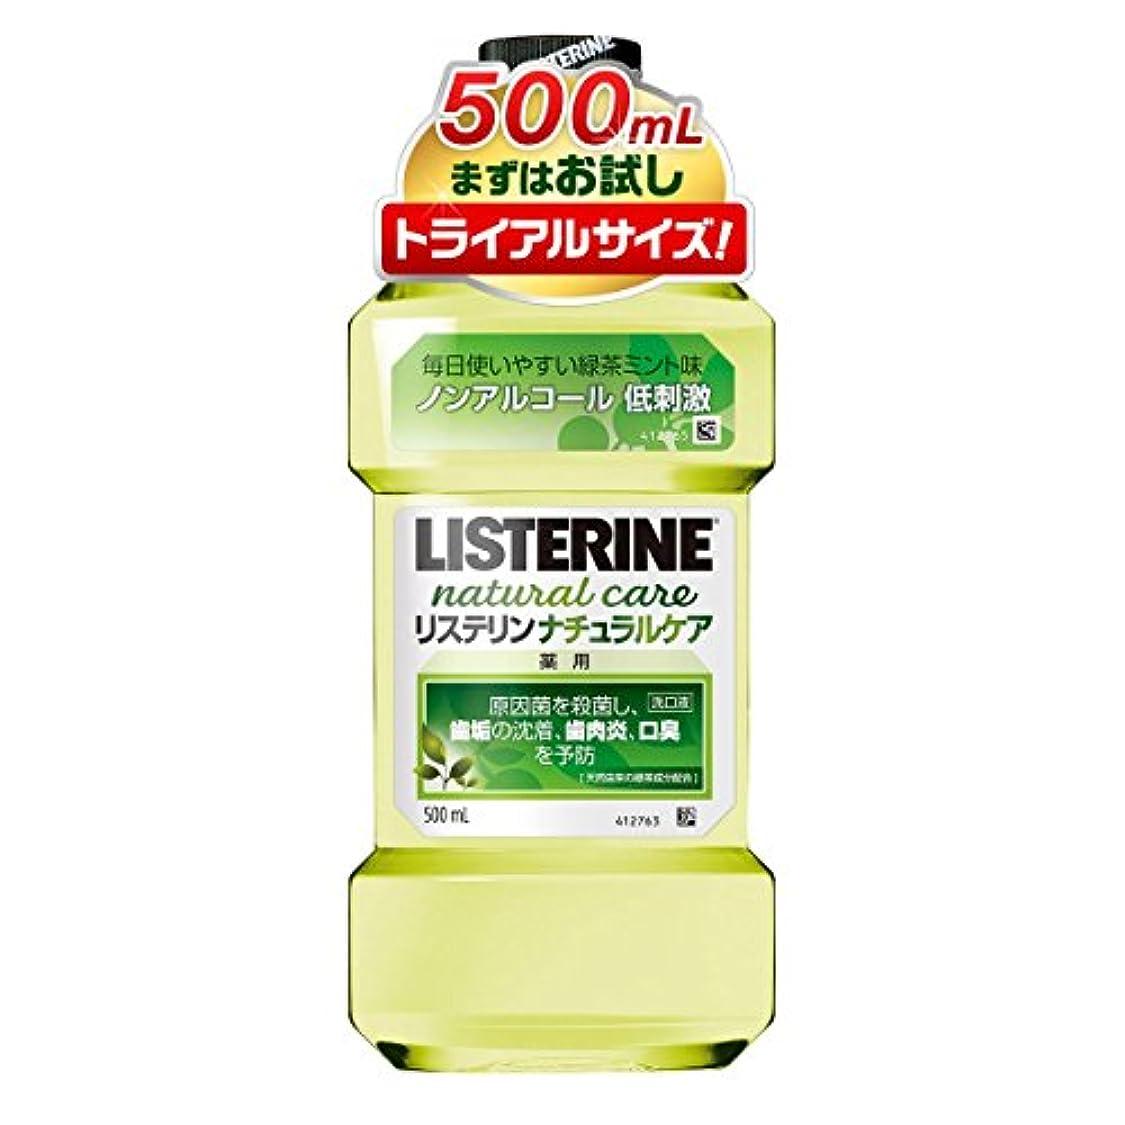 醸造所救いバスト[医薬部外品] 薬用 リステリン マウスウォッシュ ナチュラルケア 500mL ノンアルコールタイプ